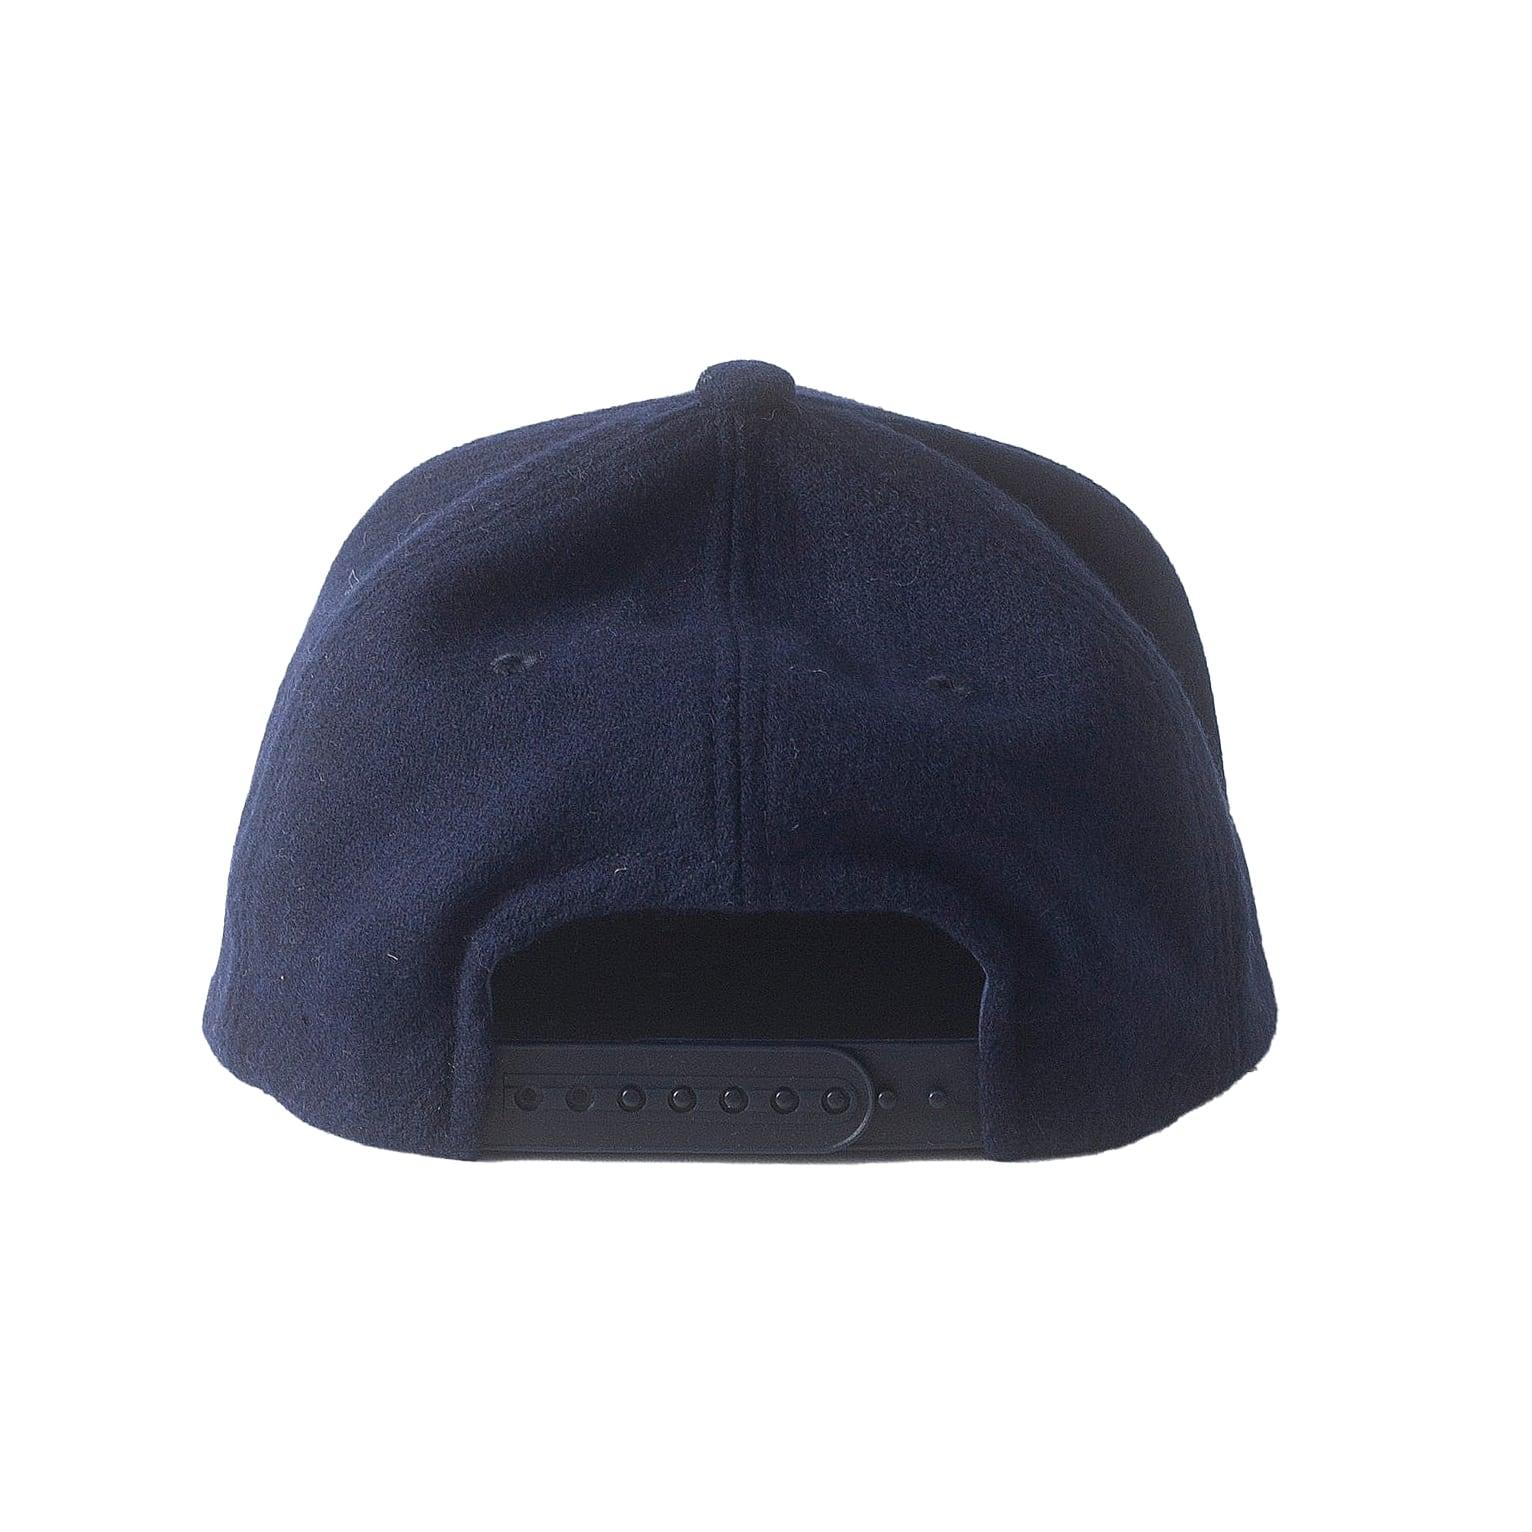 FRAVES BASEBALL CAP / NAVY RED - 画像3